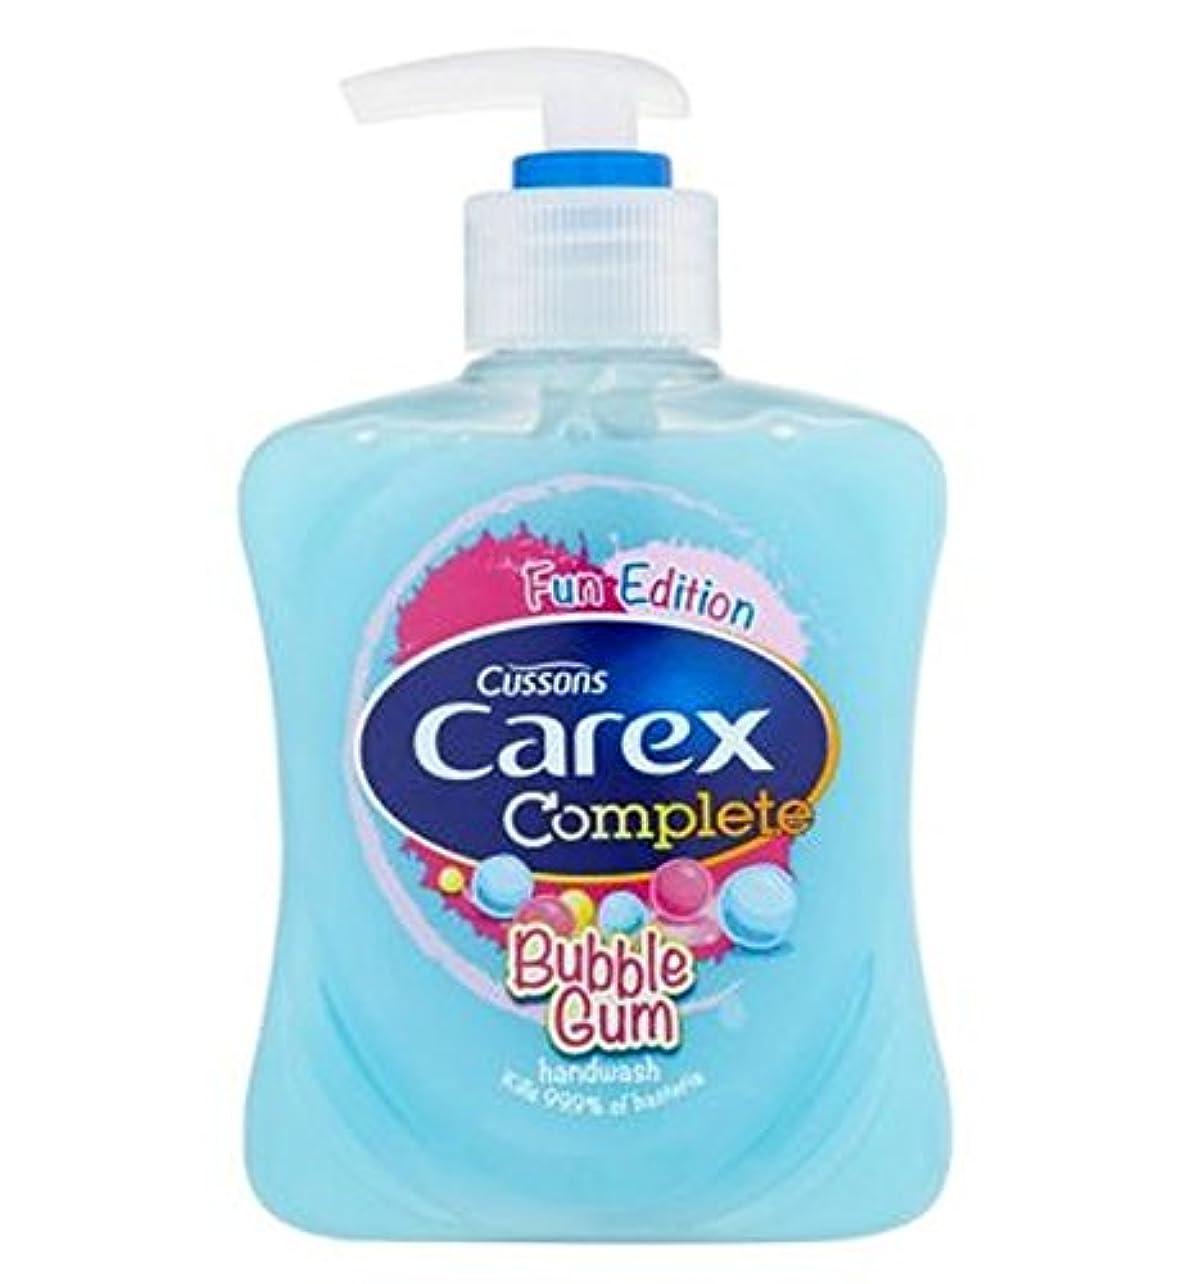 合唱団ソーダ水手入れCarex Fun Bubble Gum Hand Wash 250ml - スゲ属楽しいバブルガムハンドウォッシュ250ミリリットル (Carex) [並行輸入品]